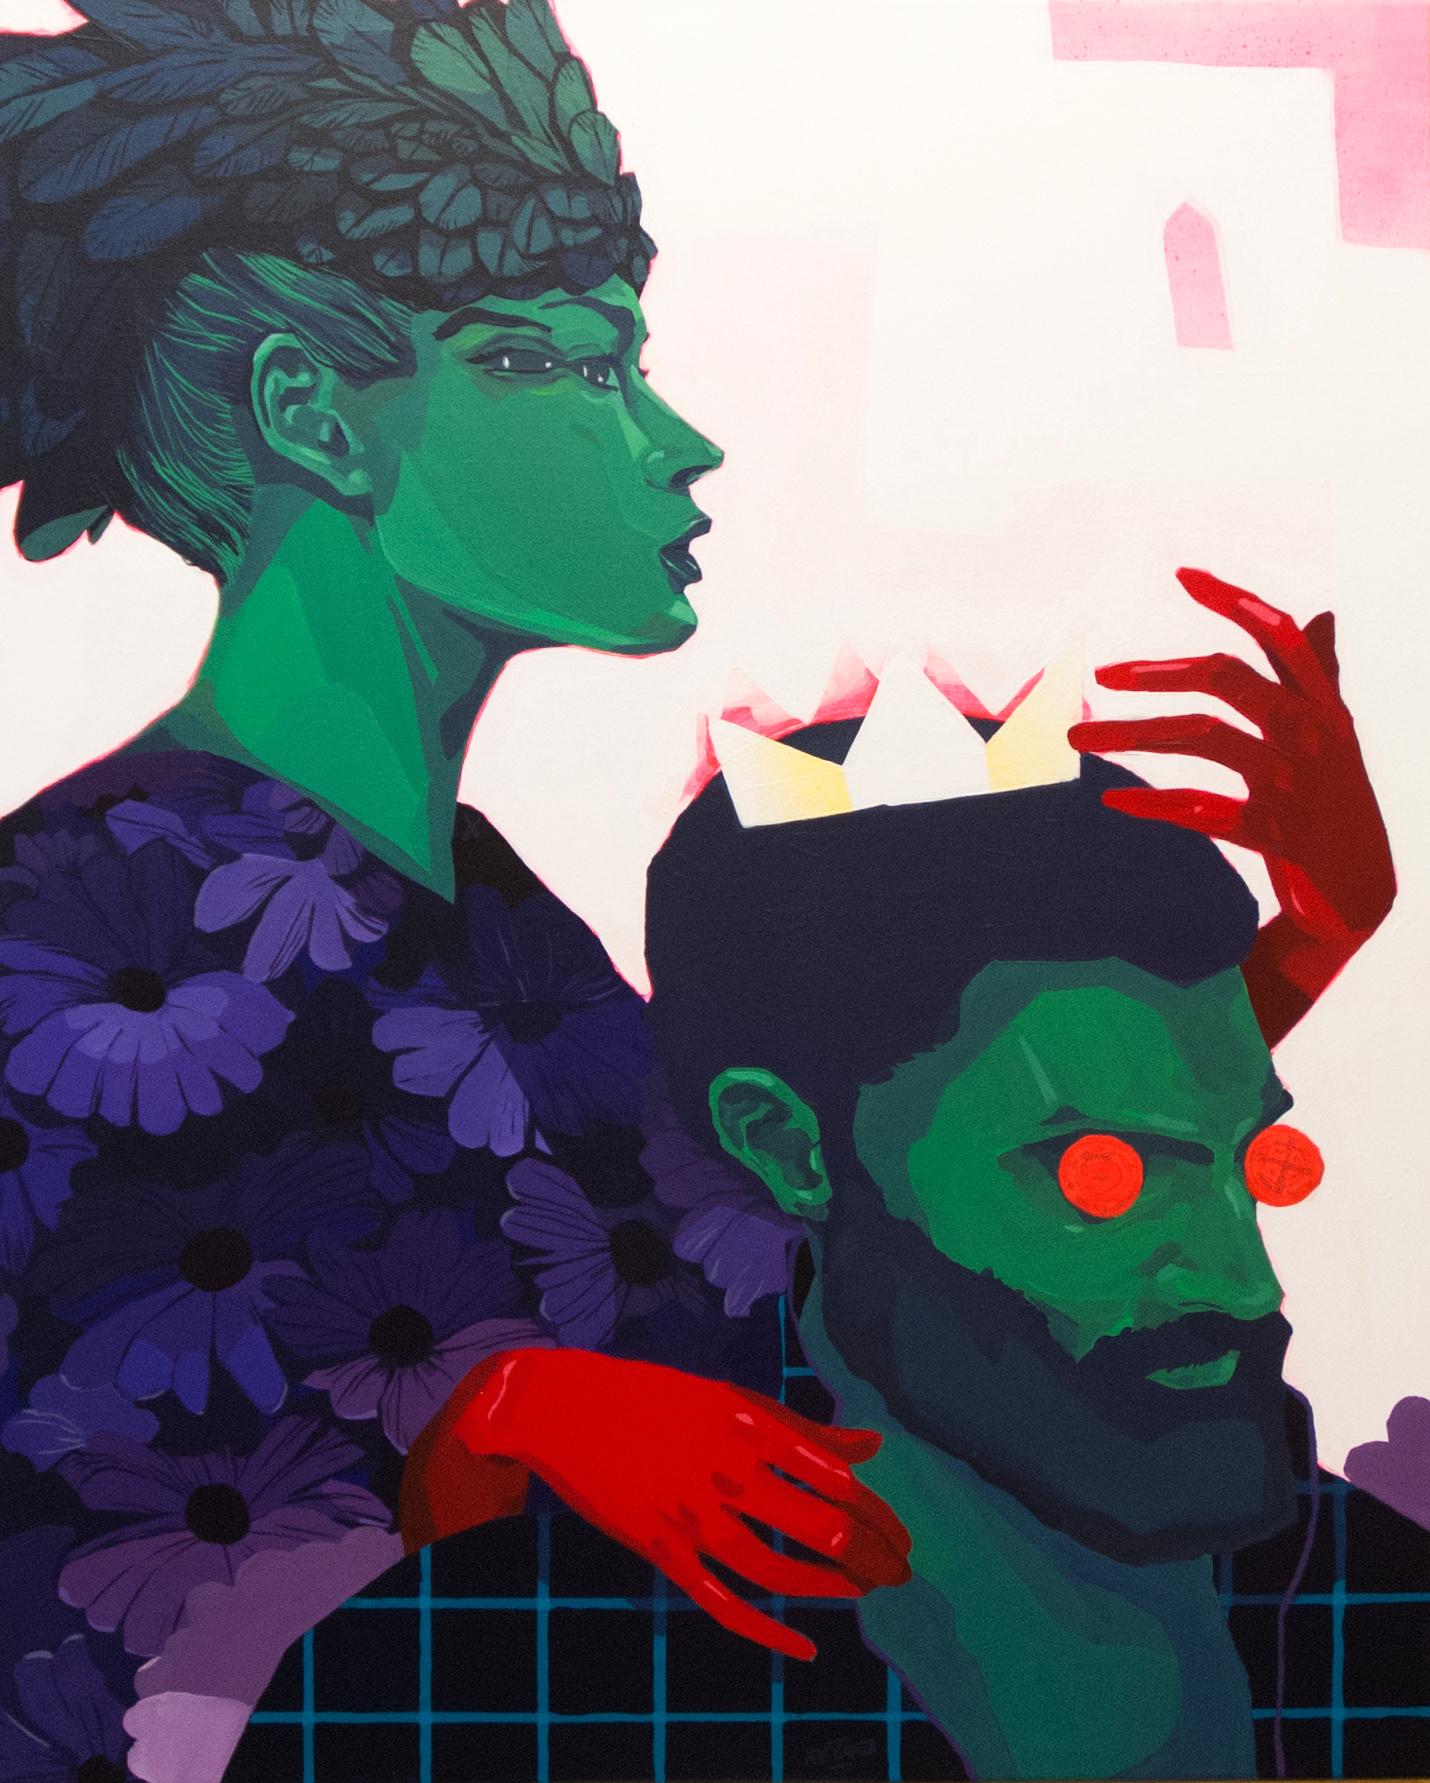 RETRO I Lady Macbeth and Macbeth, 2018